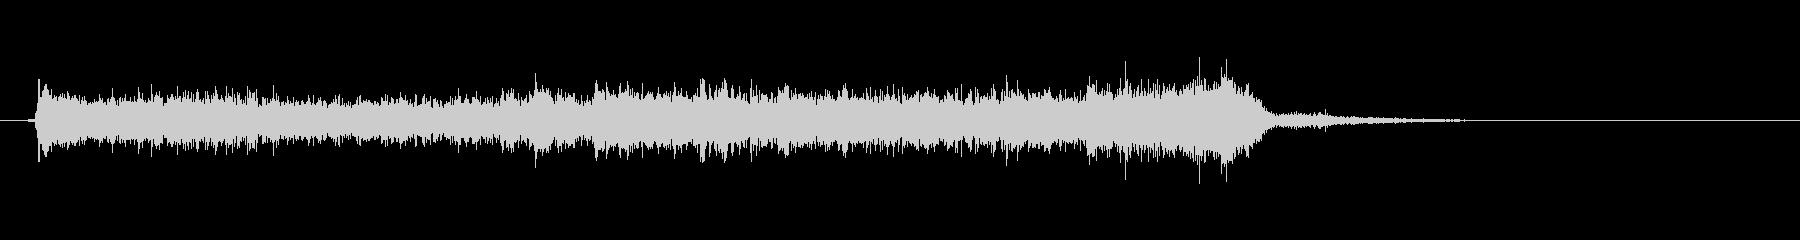 クレイジードラム-フィナーレ不協和...の未再生の波形